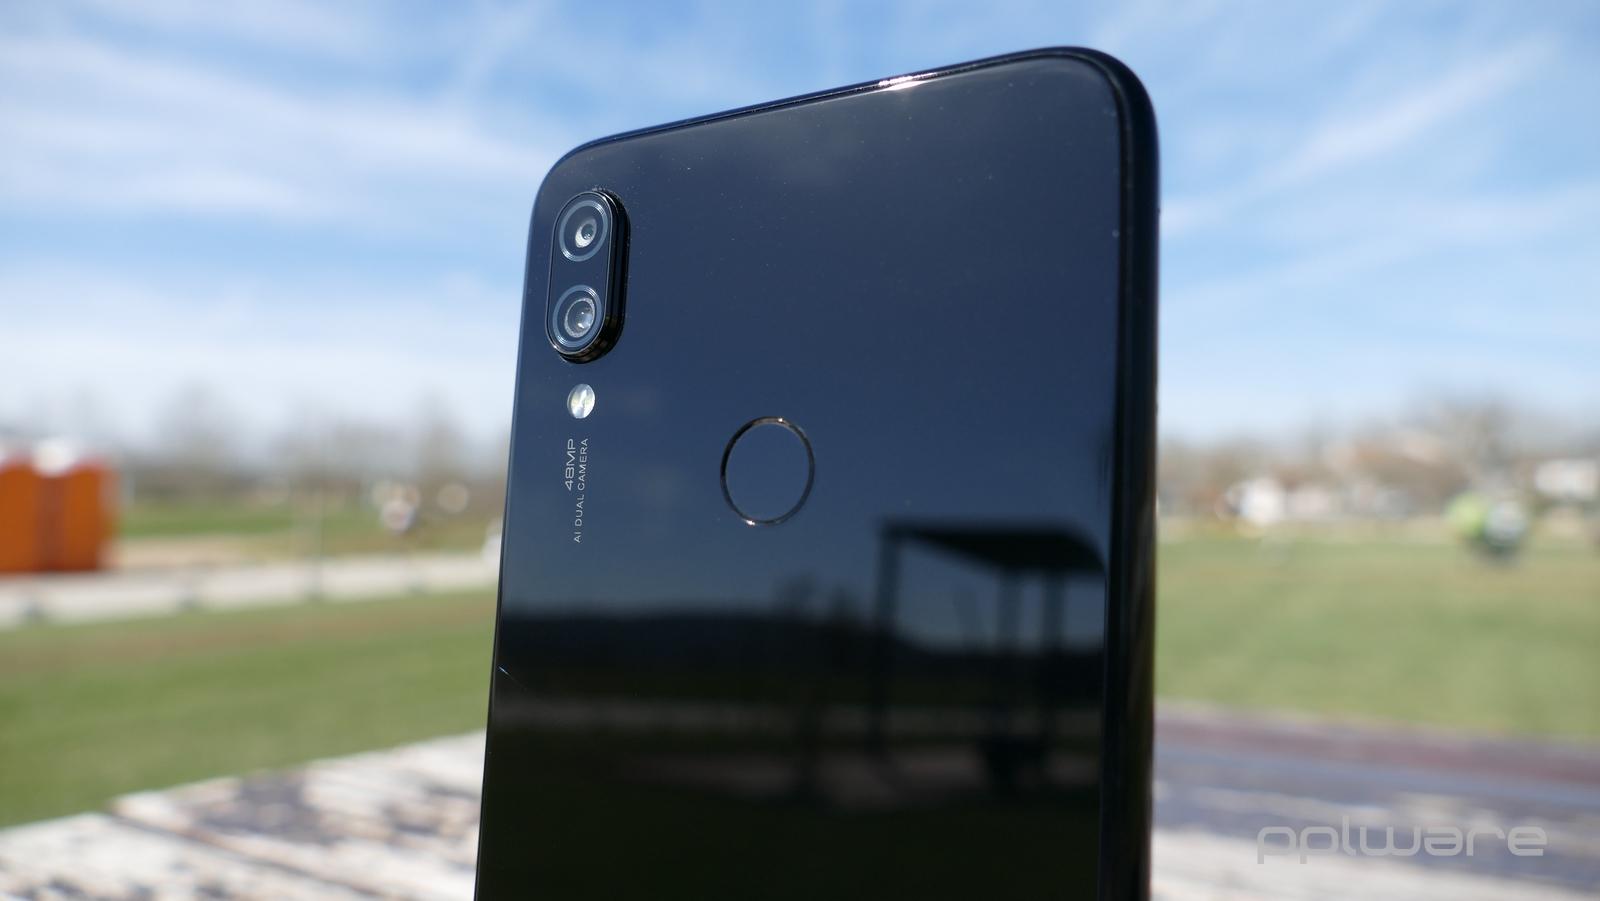 c9caa5408 Análise: (Xiaomi) Redmi Note 7 - será melhor smartphone Android que o Mi